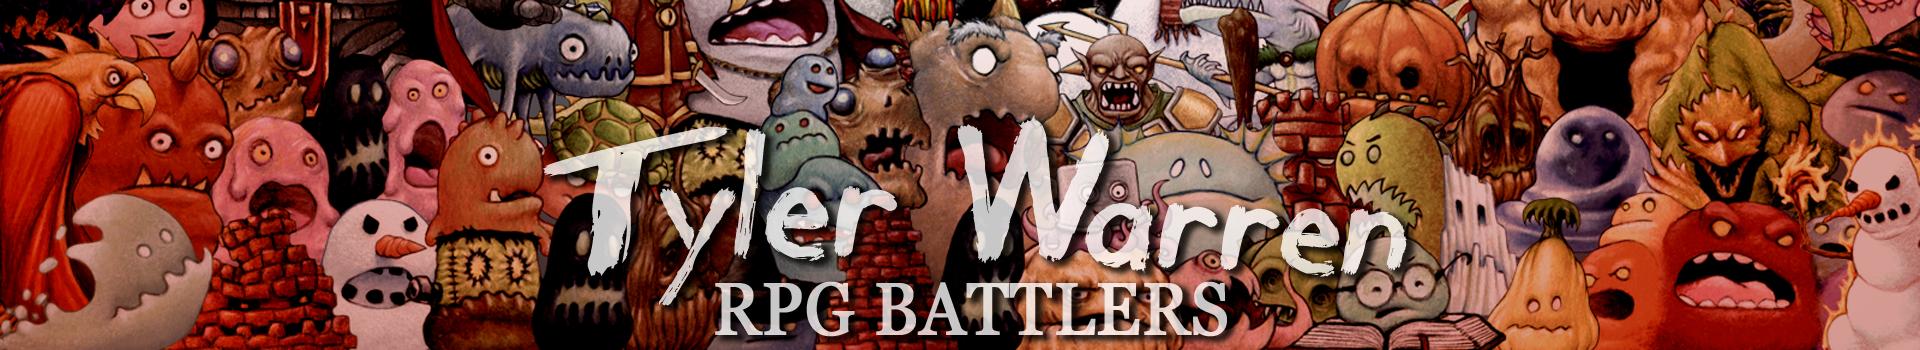 Tyler Warren RPG Battlers - Pixel-Style 1